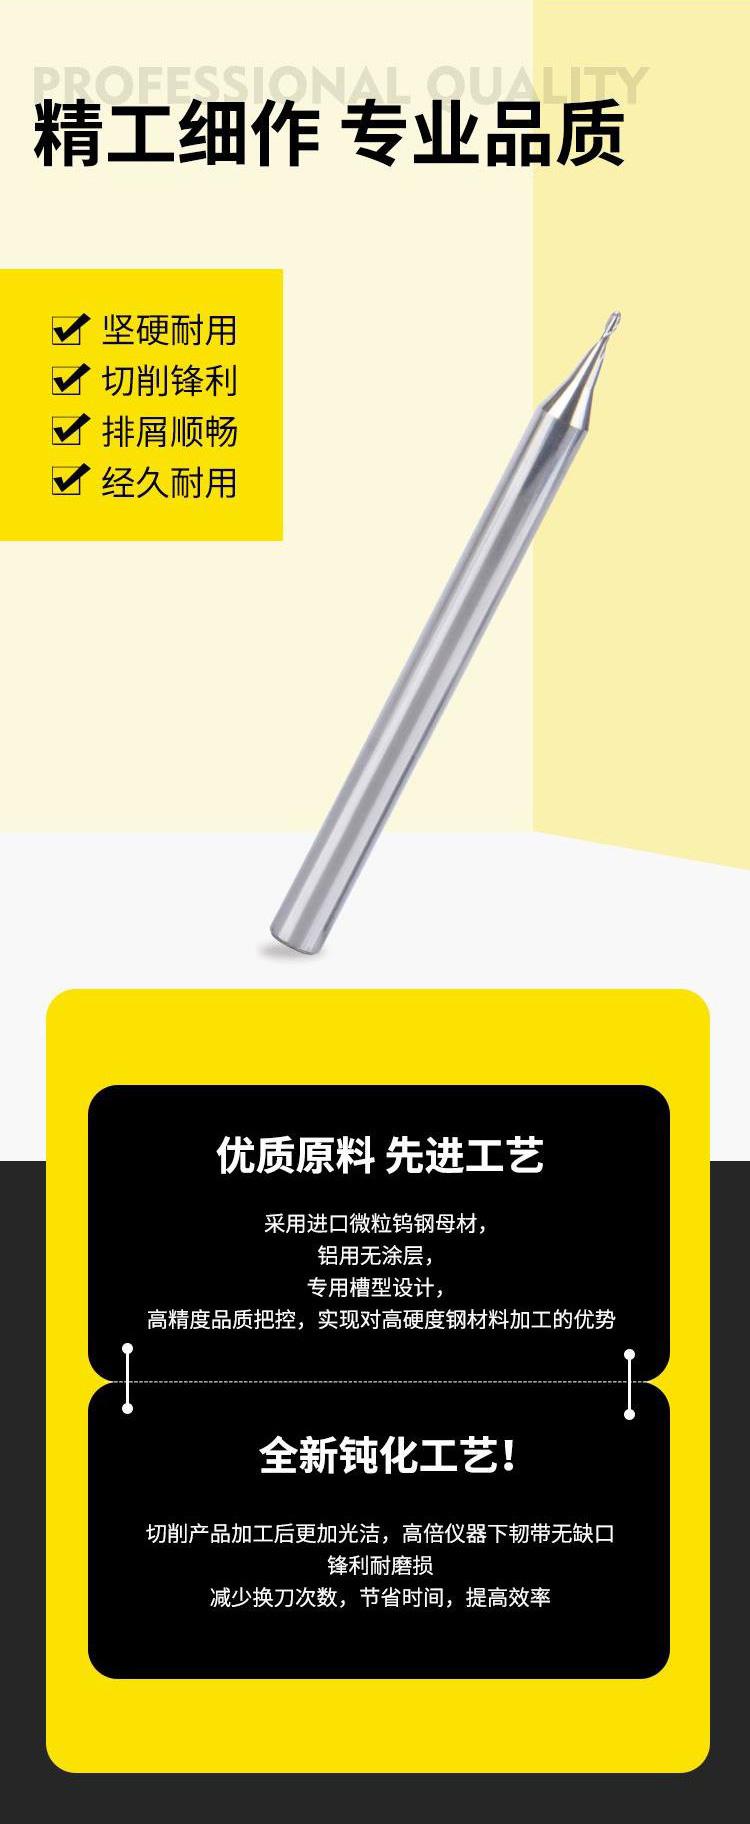 铝合金专用微小径球刀